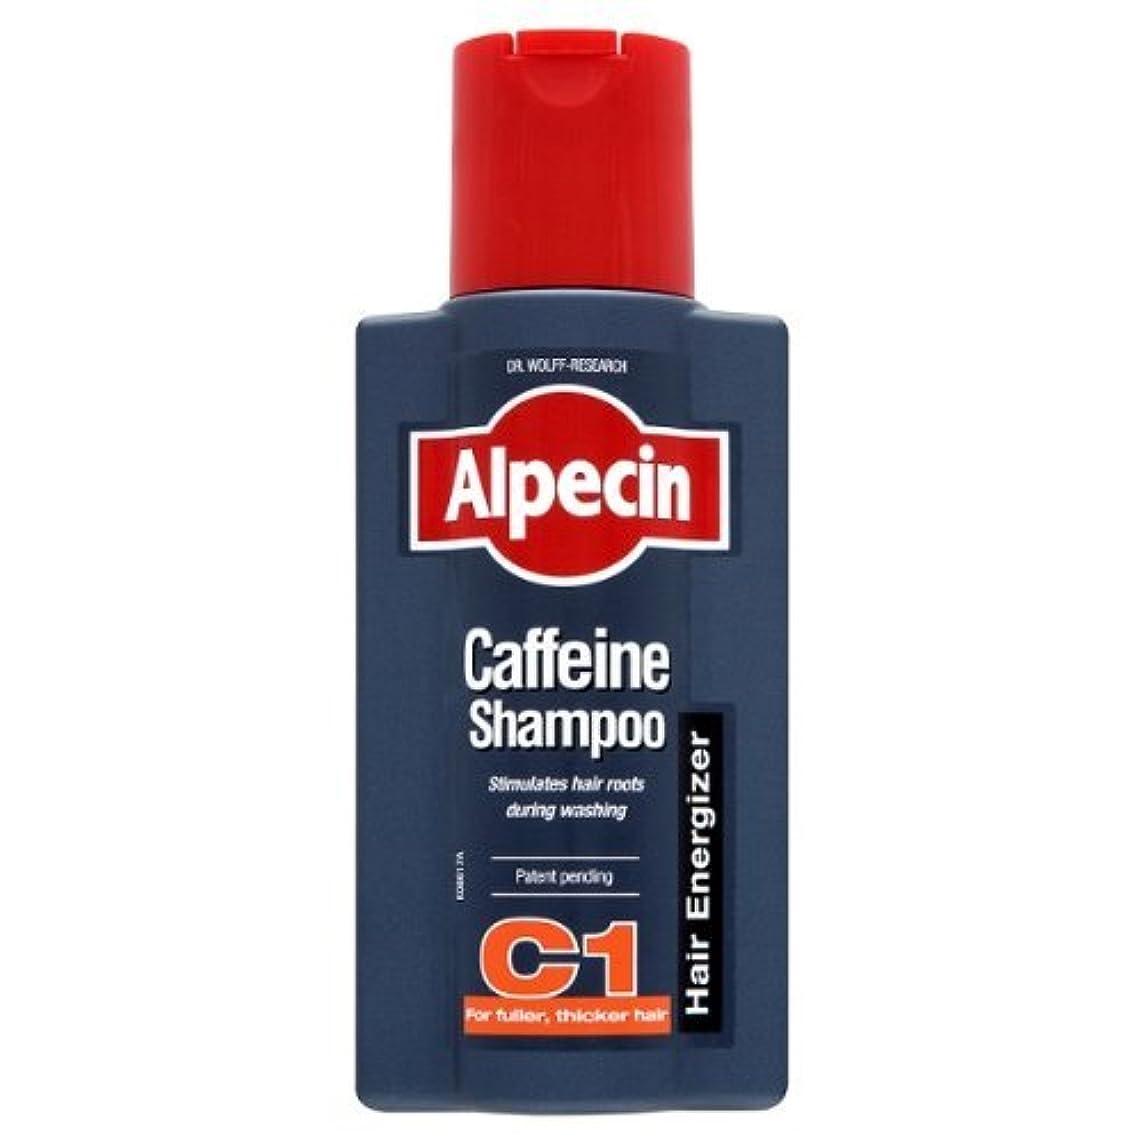 コロニー戦う刺繍Alpecin Caffeine Hair Energizer Shampoo 250ml - Pack of 3 by ALPECIN [並行輸入品]